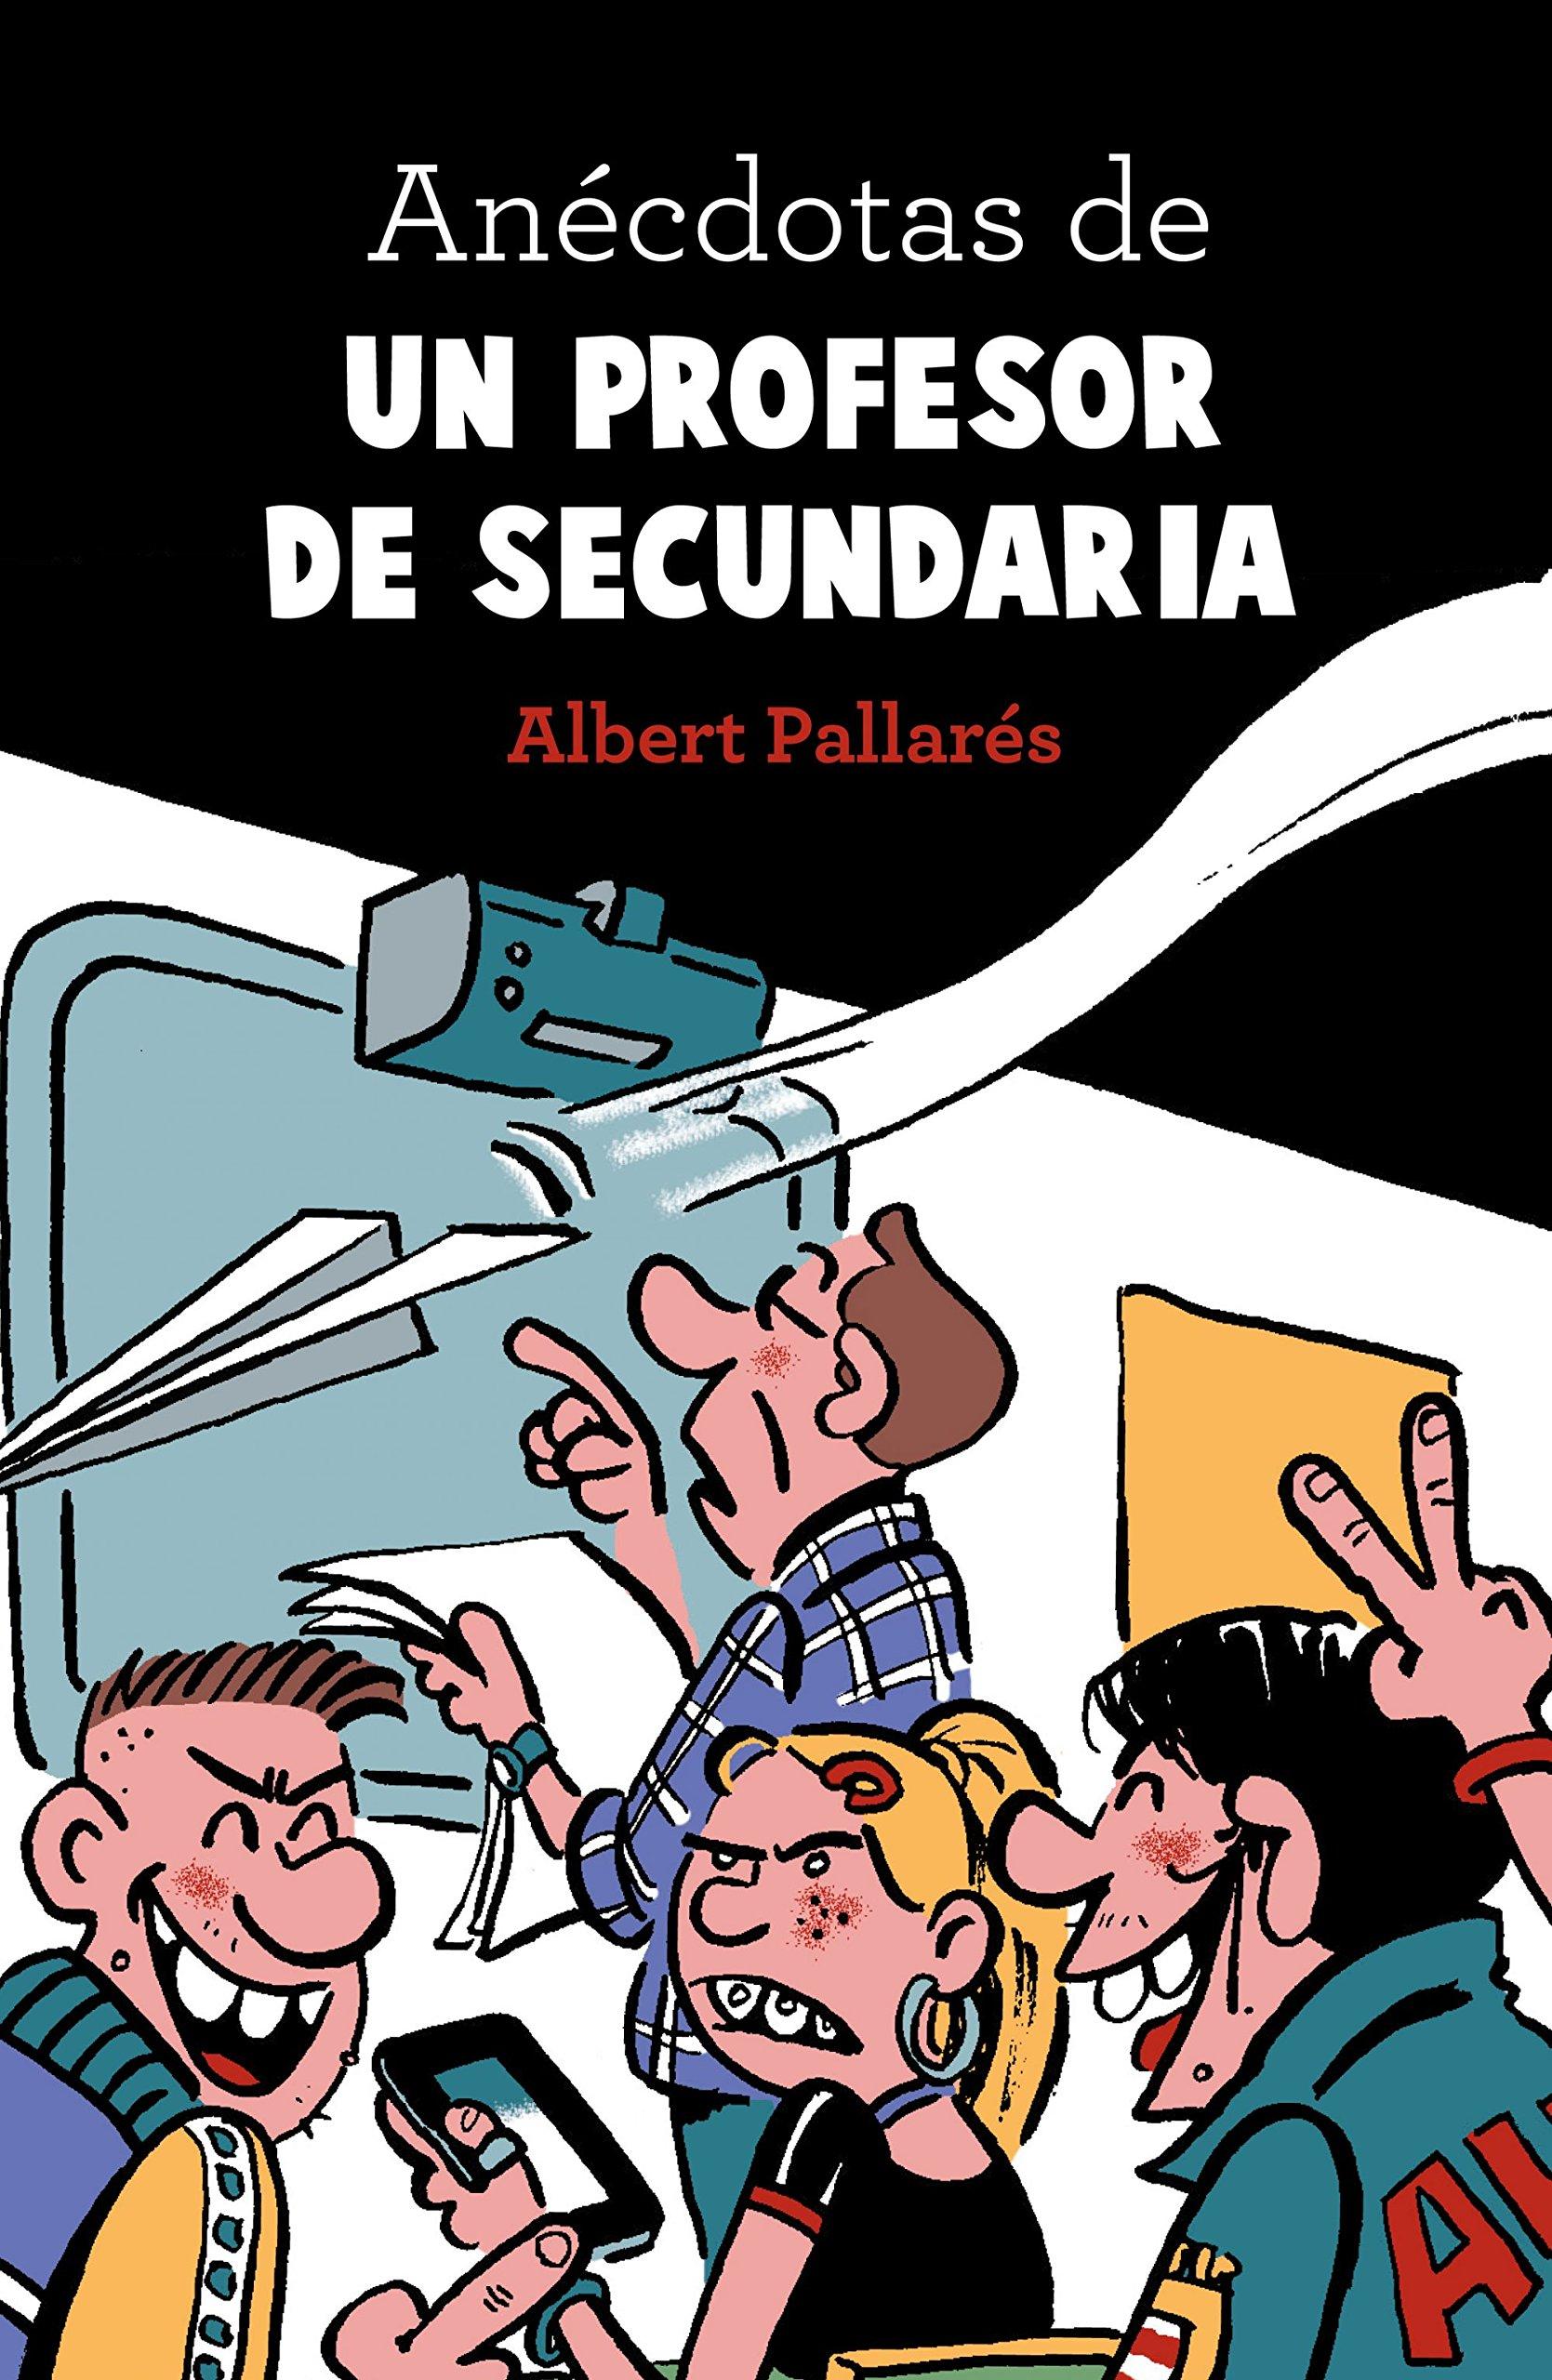 Anécdotas de un profesor de secundaria (Otros) - 9788448022990 Tapa blanda – 14 feb 2017 Albert Pallarés Libros Cúpula 8448022998 Humour